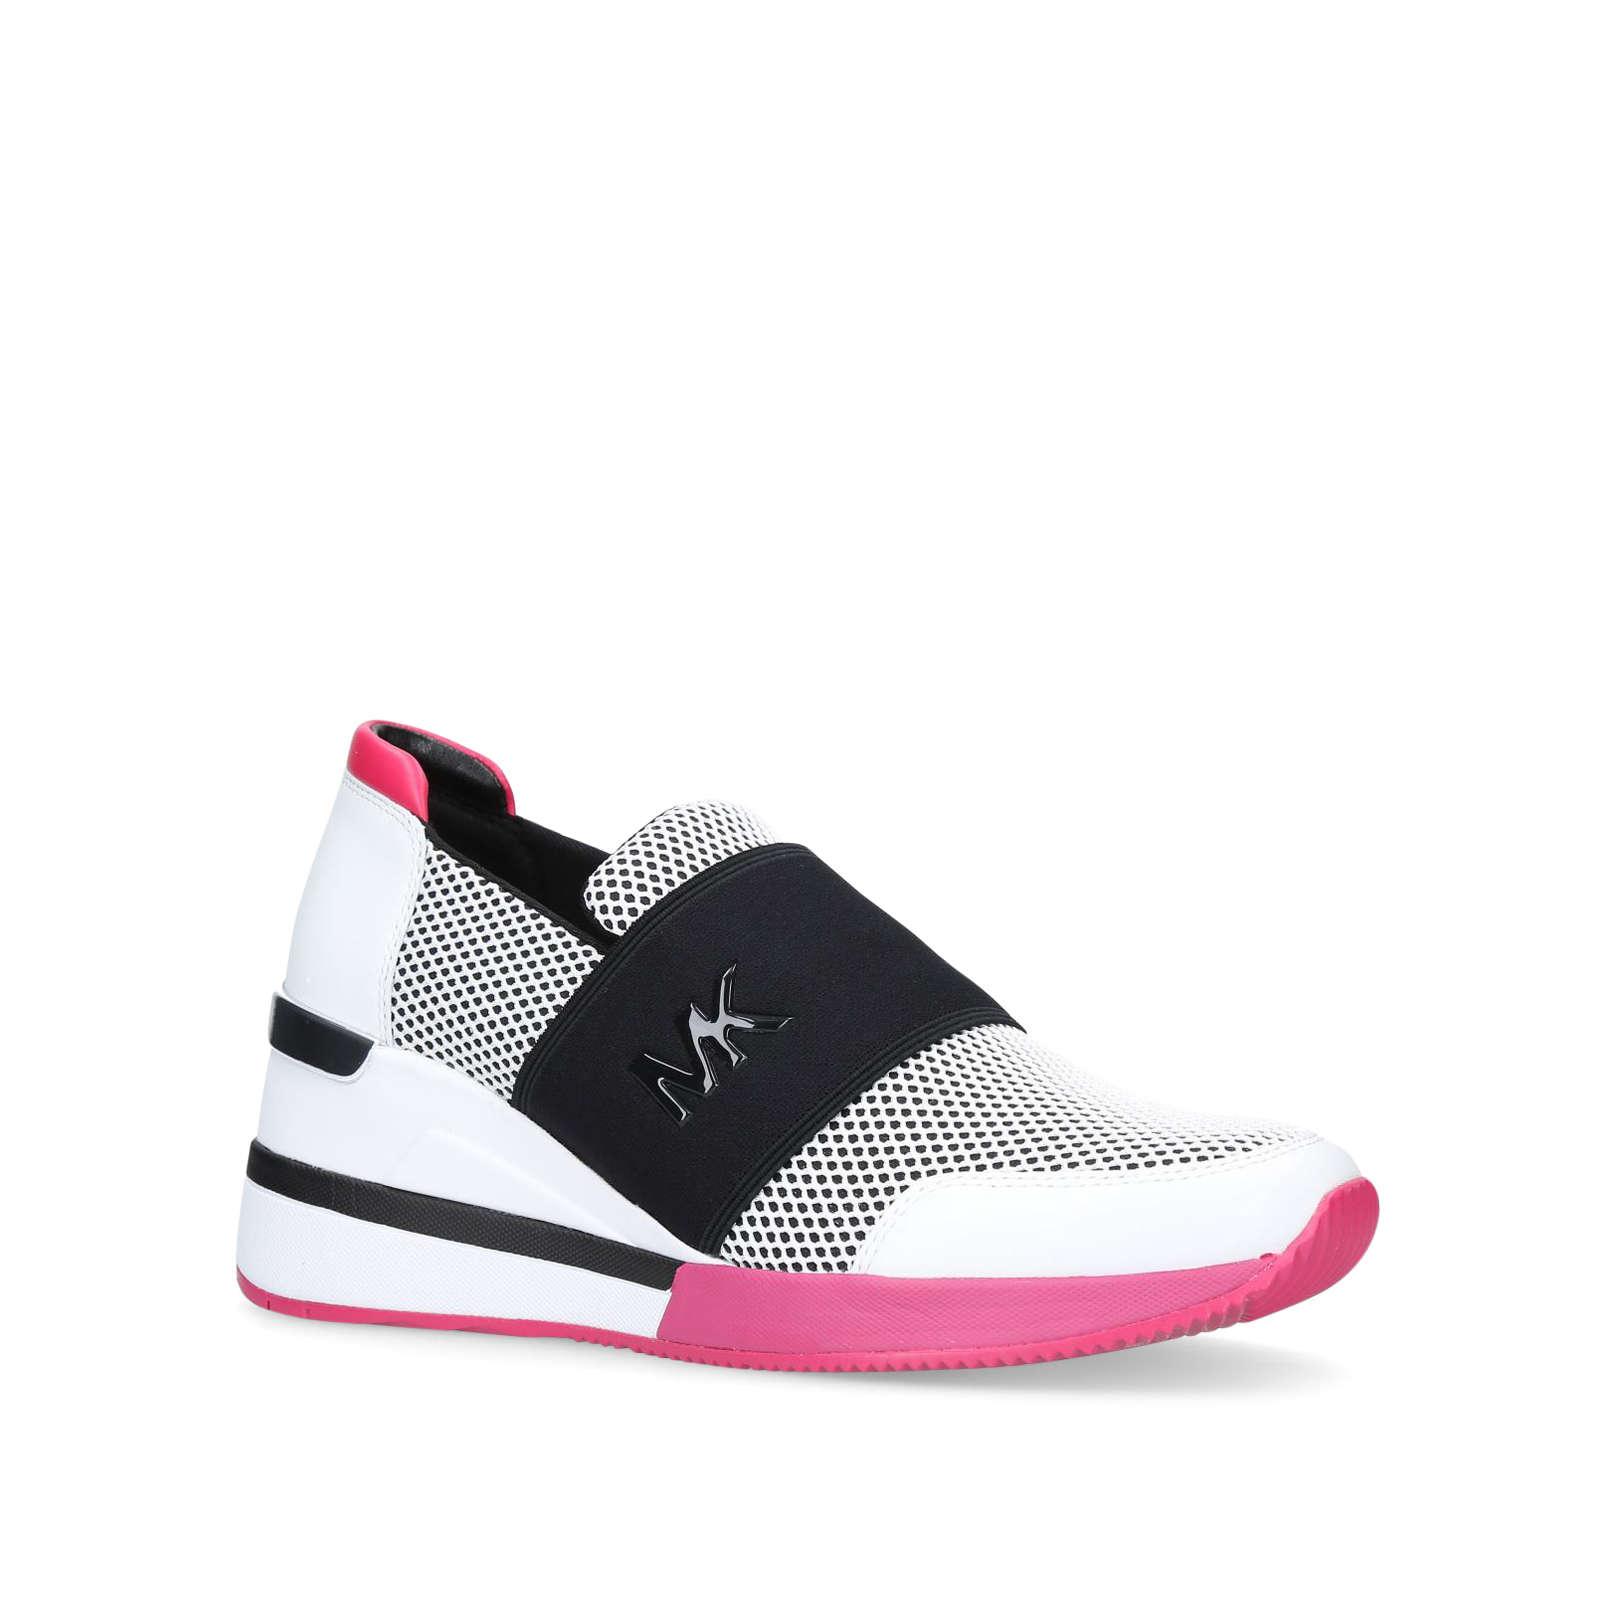 2150f7db8e387 FELIX TRAINER Felix Trainer Sneakers Michael Michael Kors Blk Other by MICHAEL  MICHAEL KORS